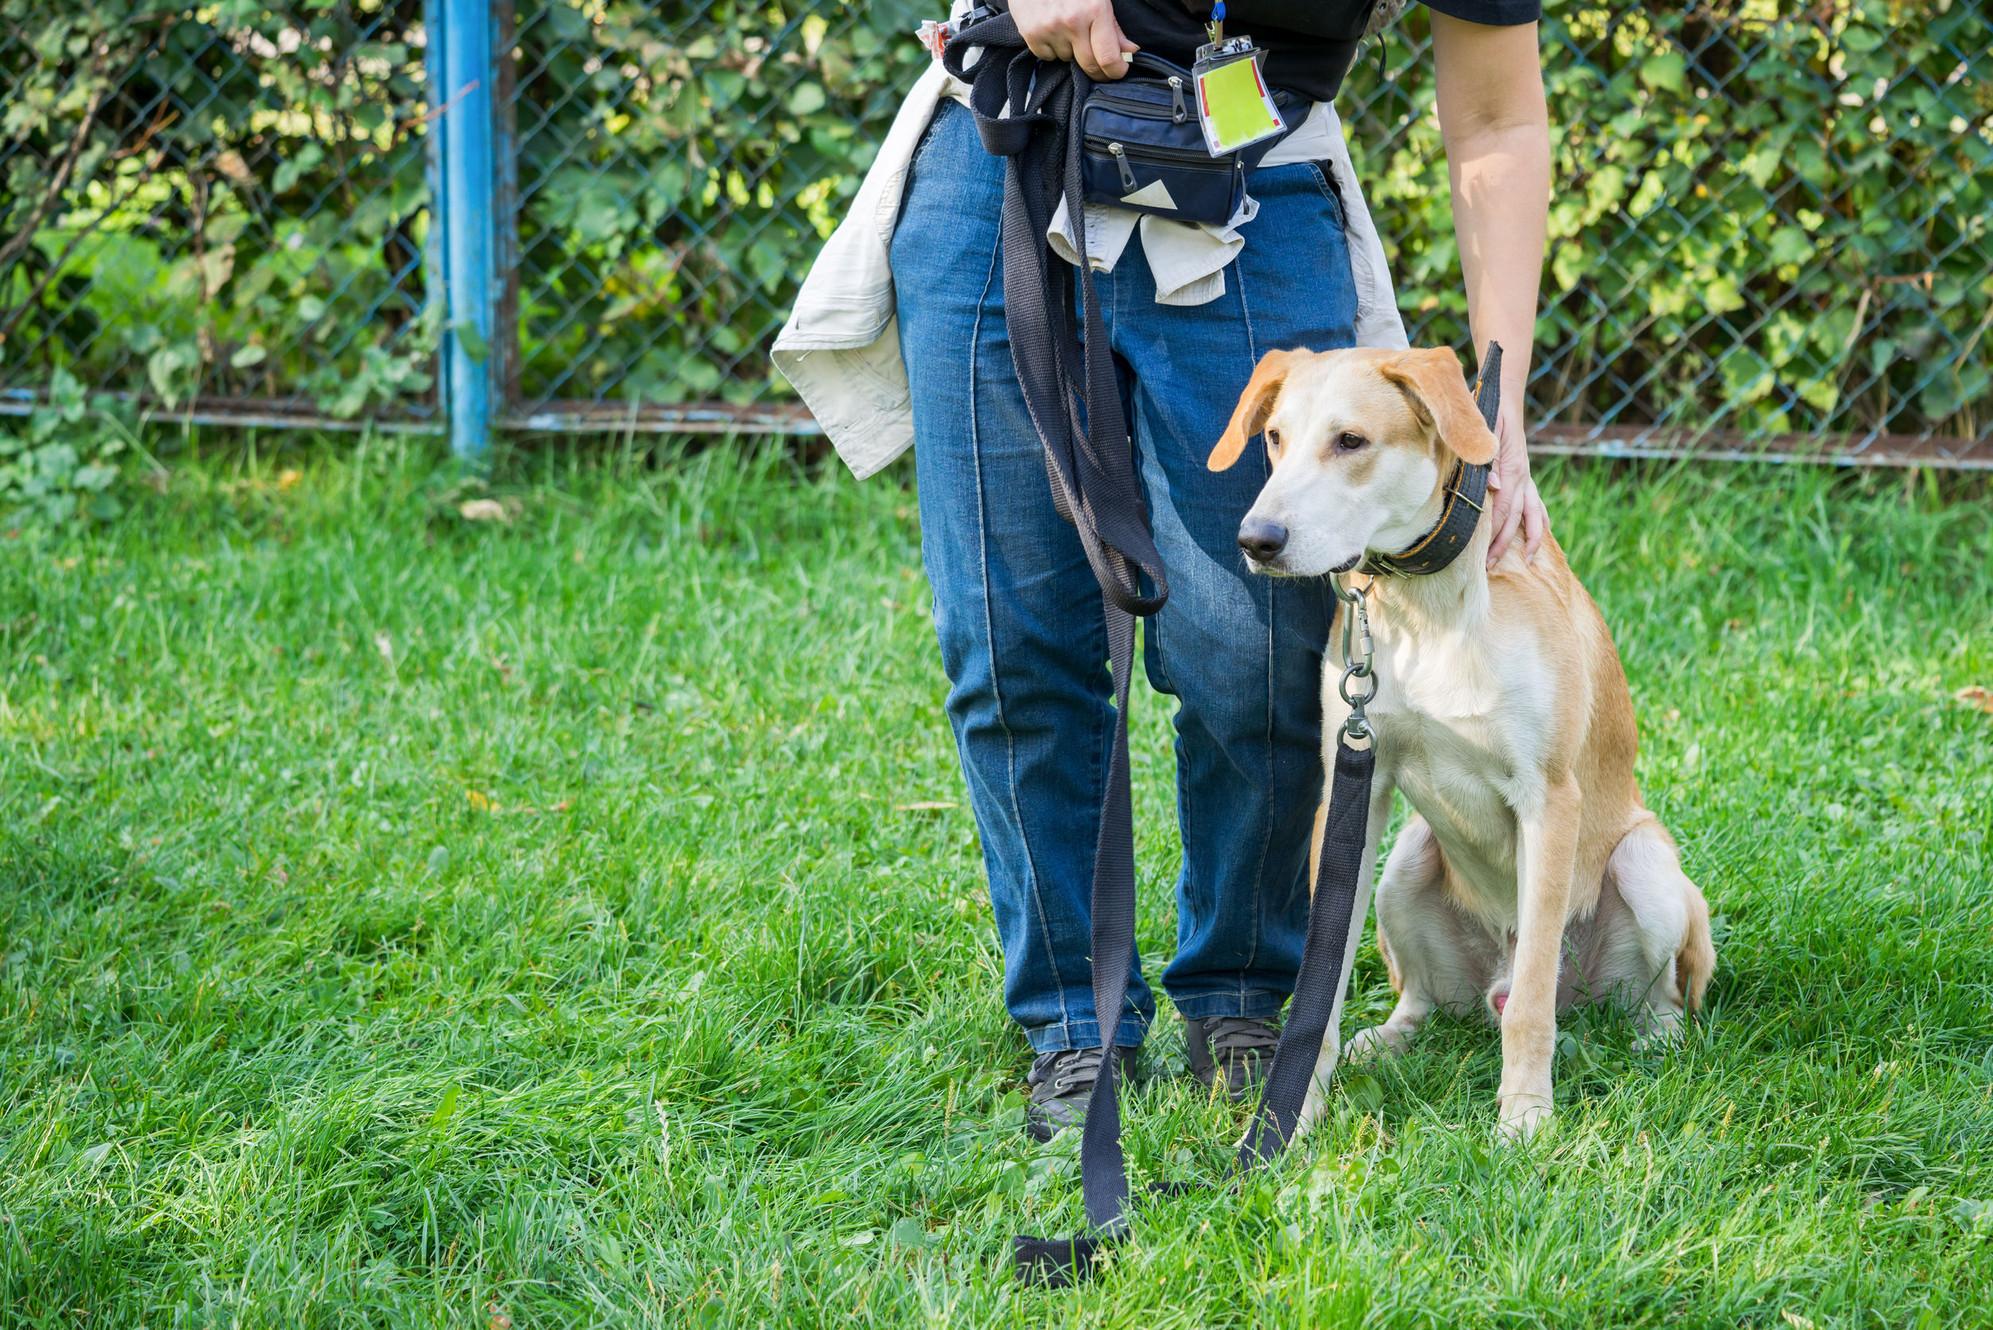 PREDATORY BEHAVIOR IN DOGS